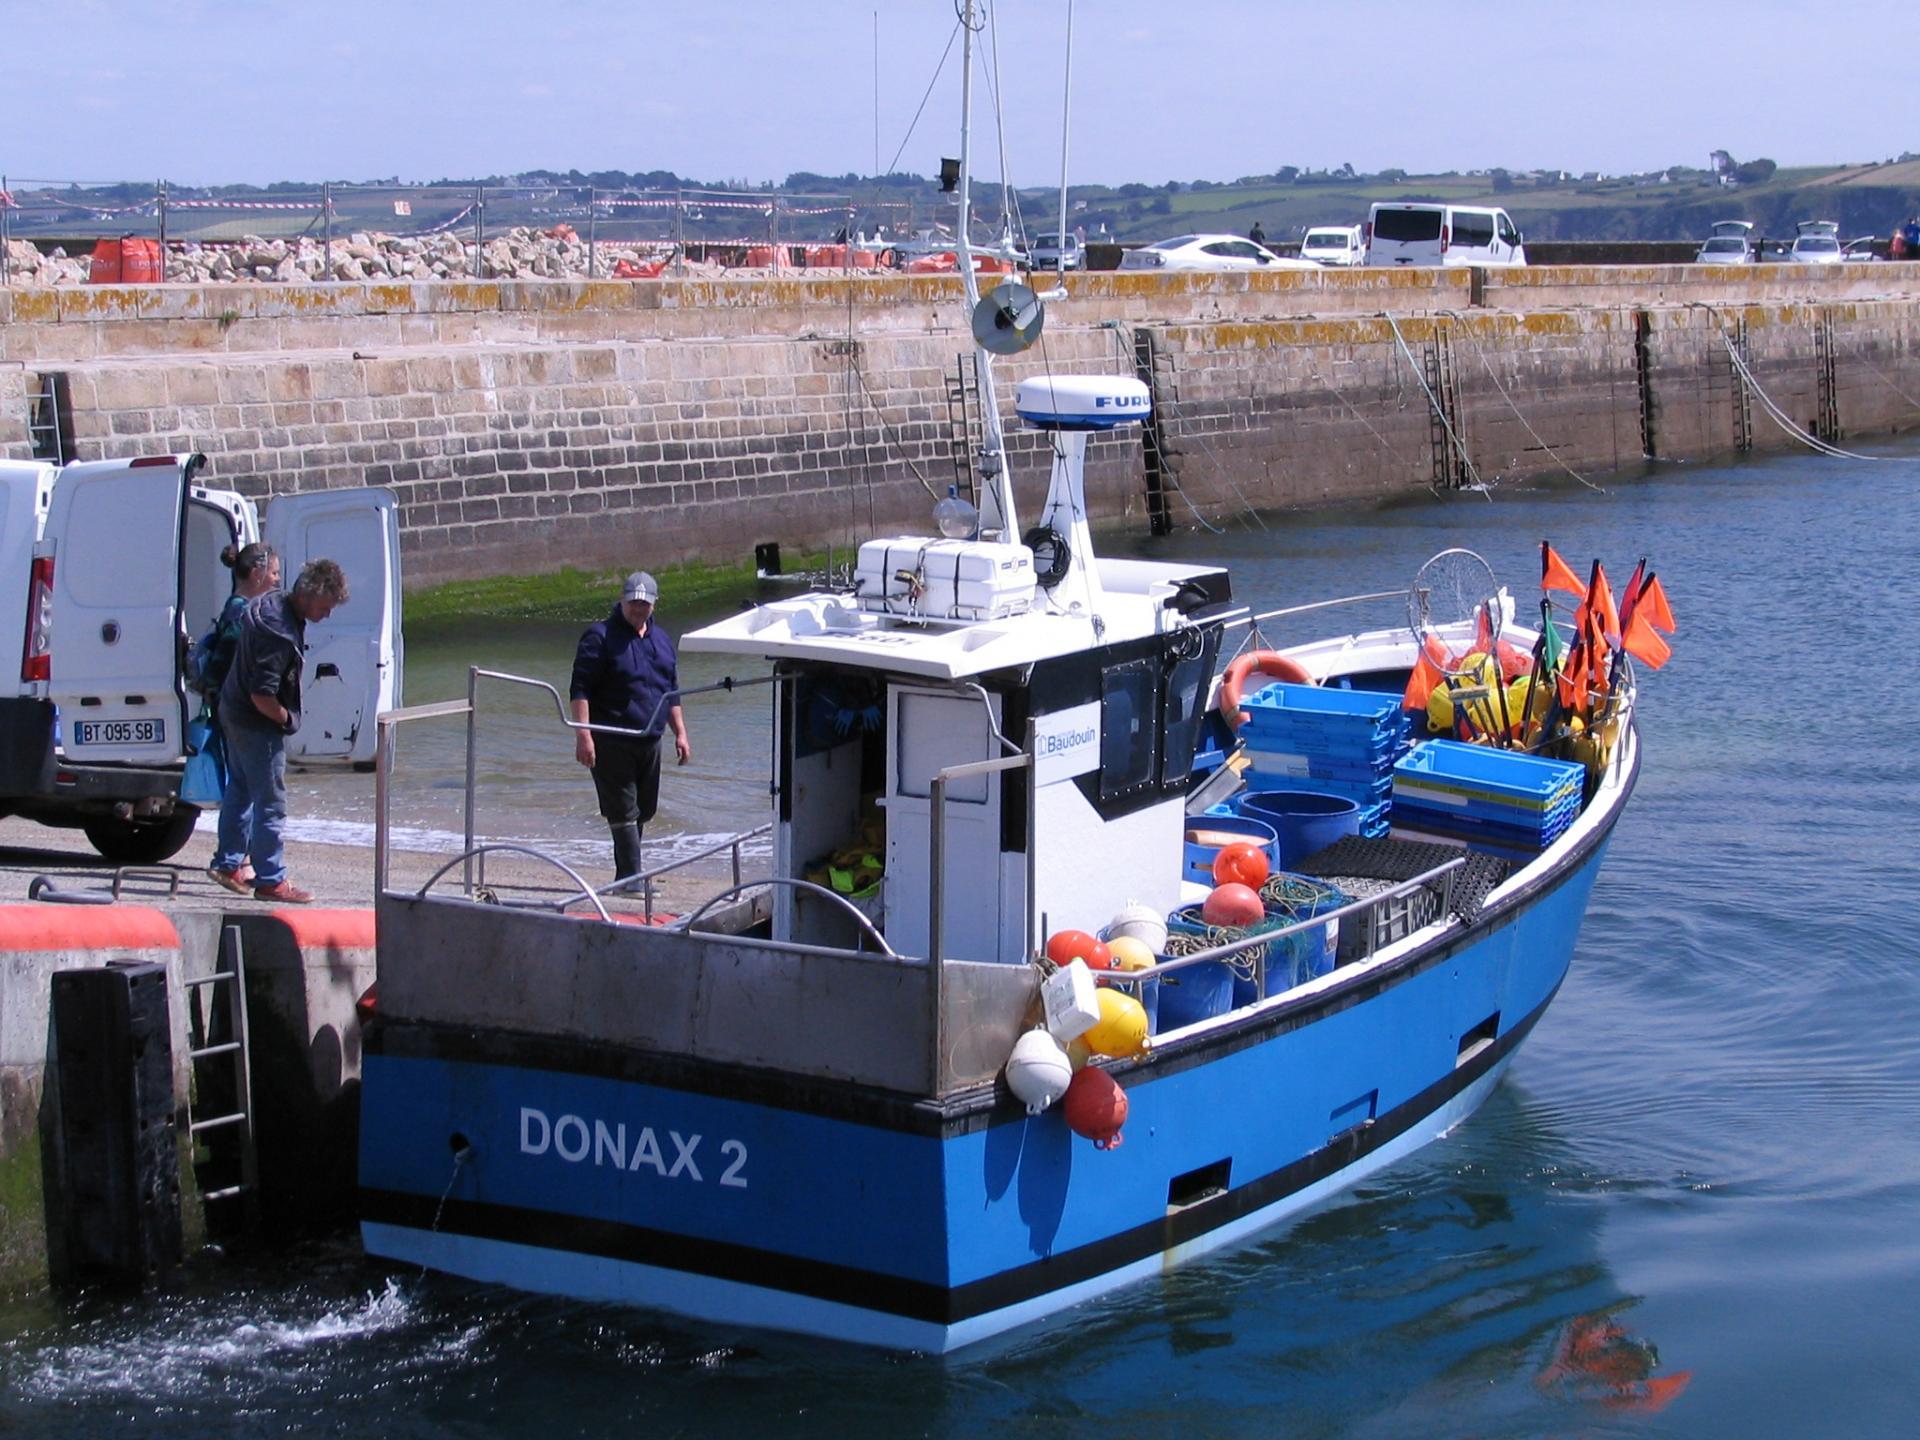 200516 donax 2 g